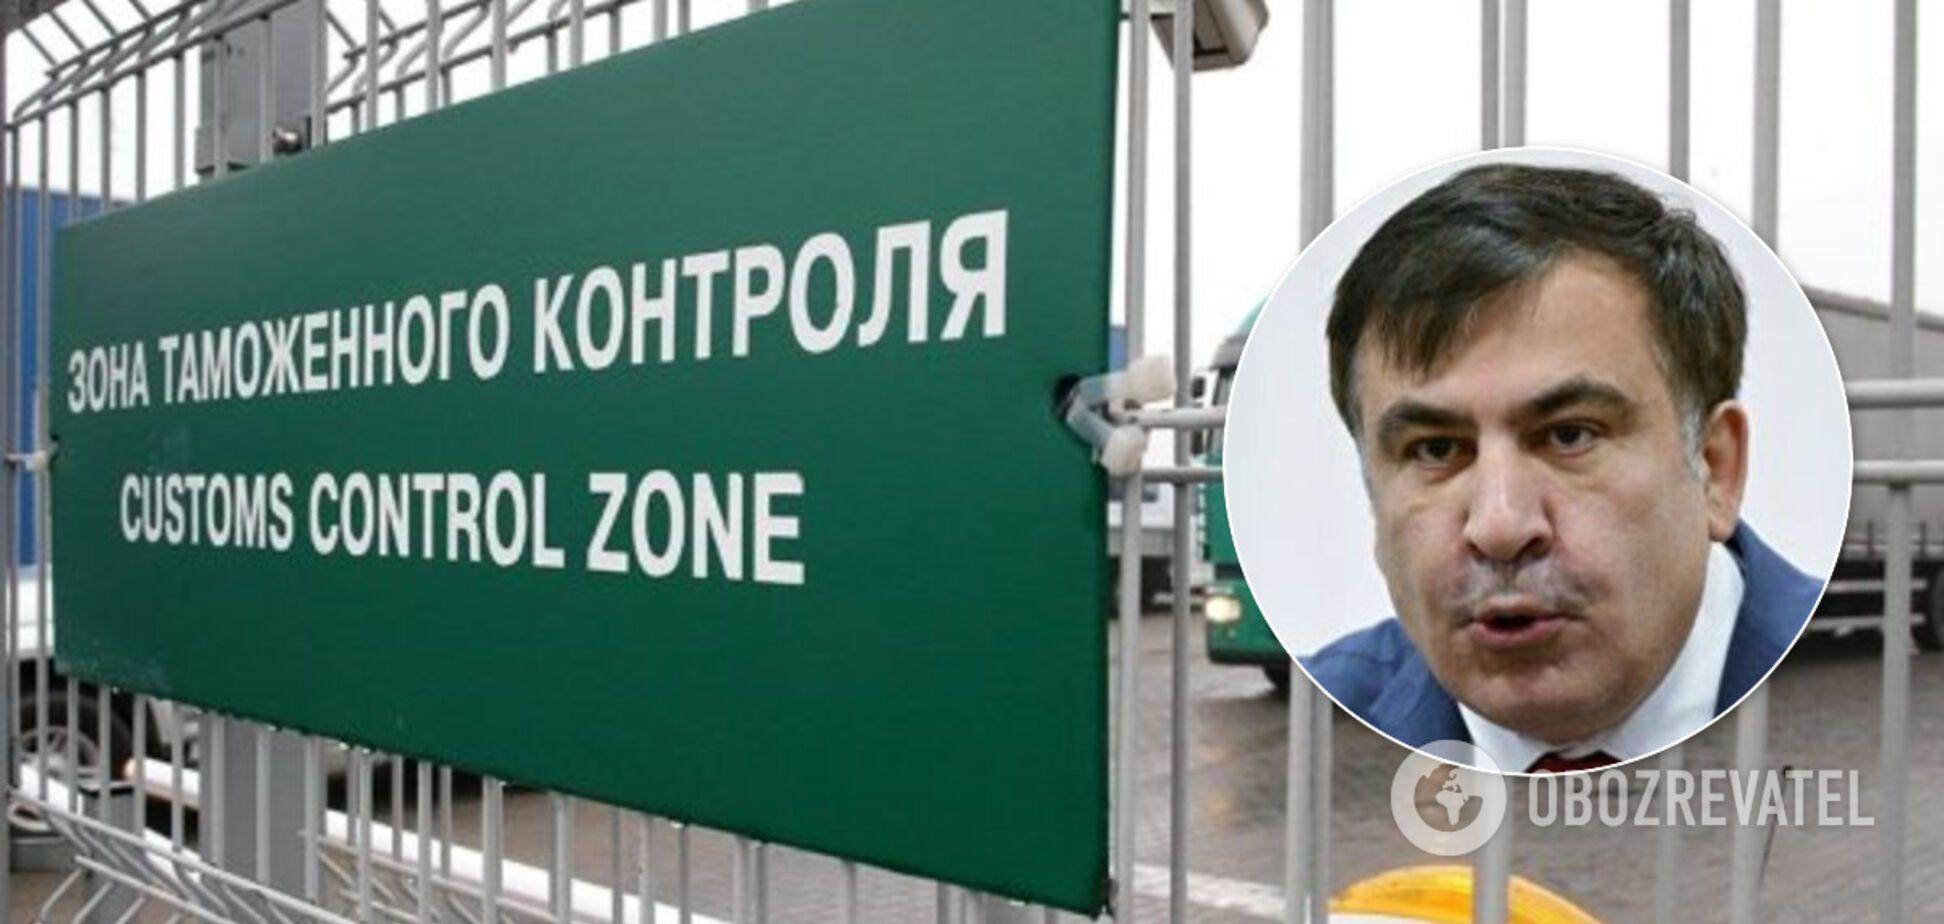 Дипломат розкрив корупційну схему Саакашвілі на Одеській митниці